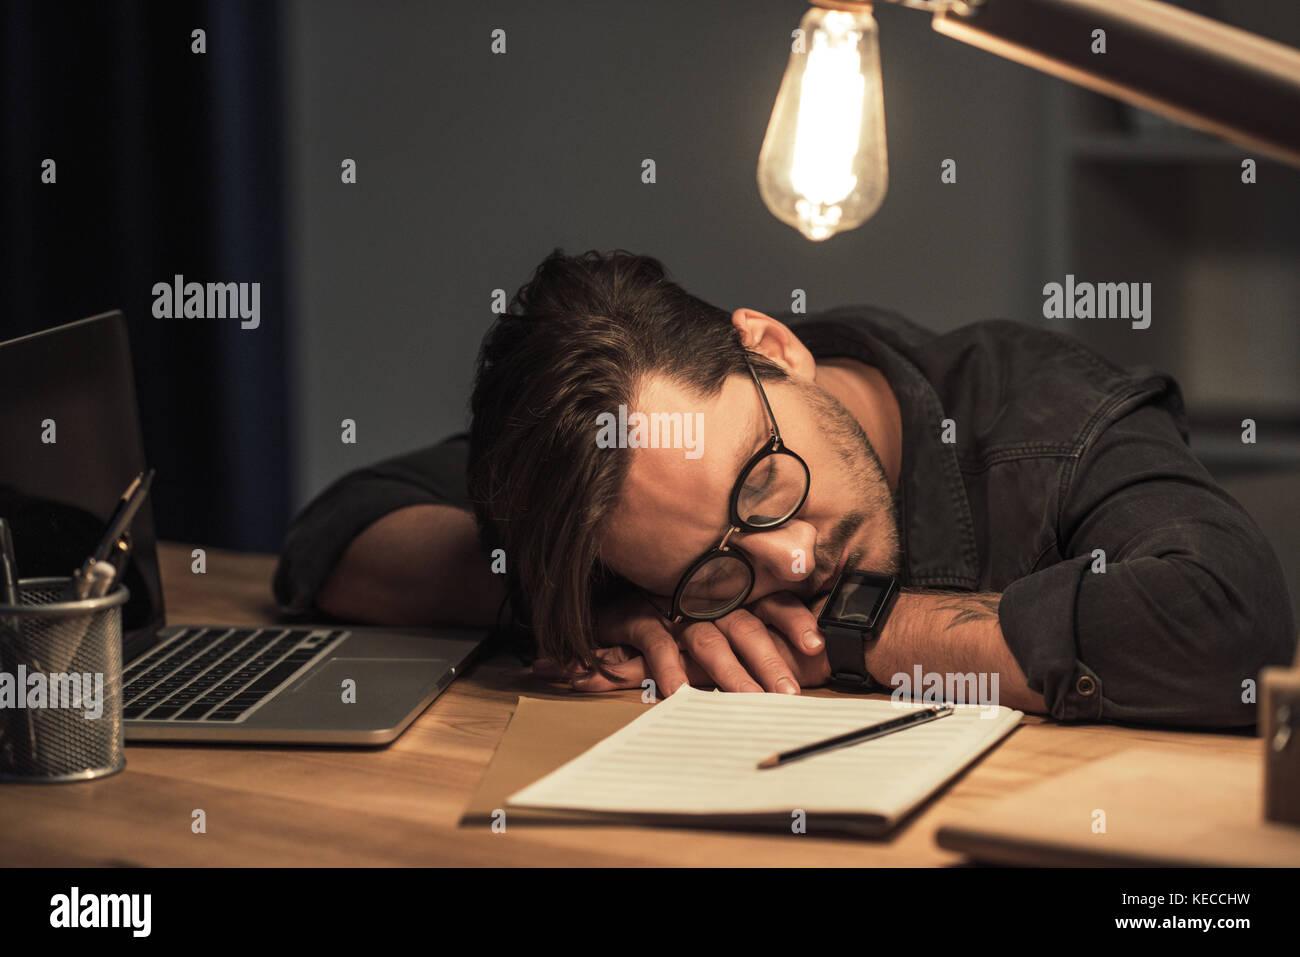 Musiker schlafen am Arbeitsplatz Stockbild